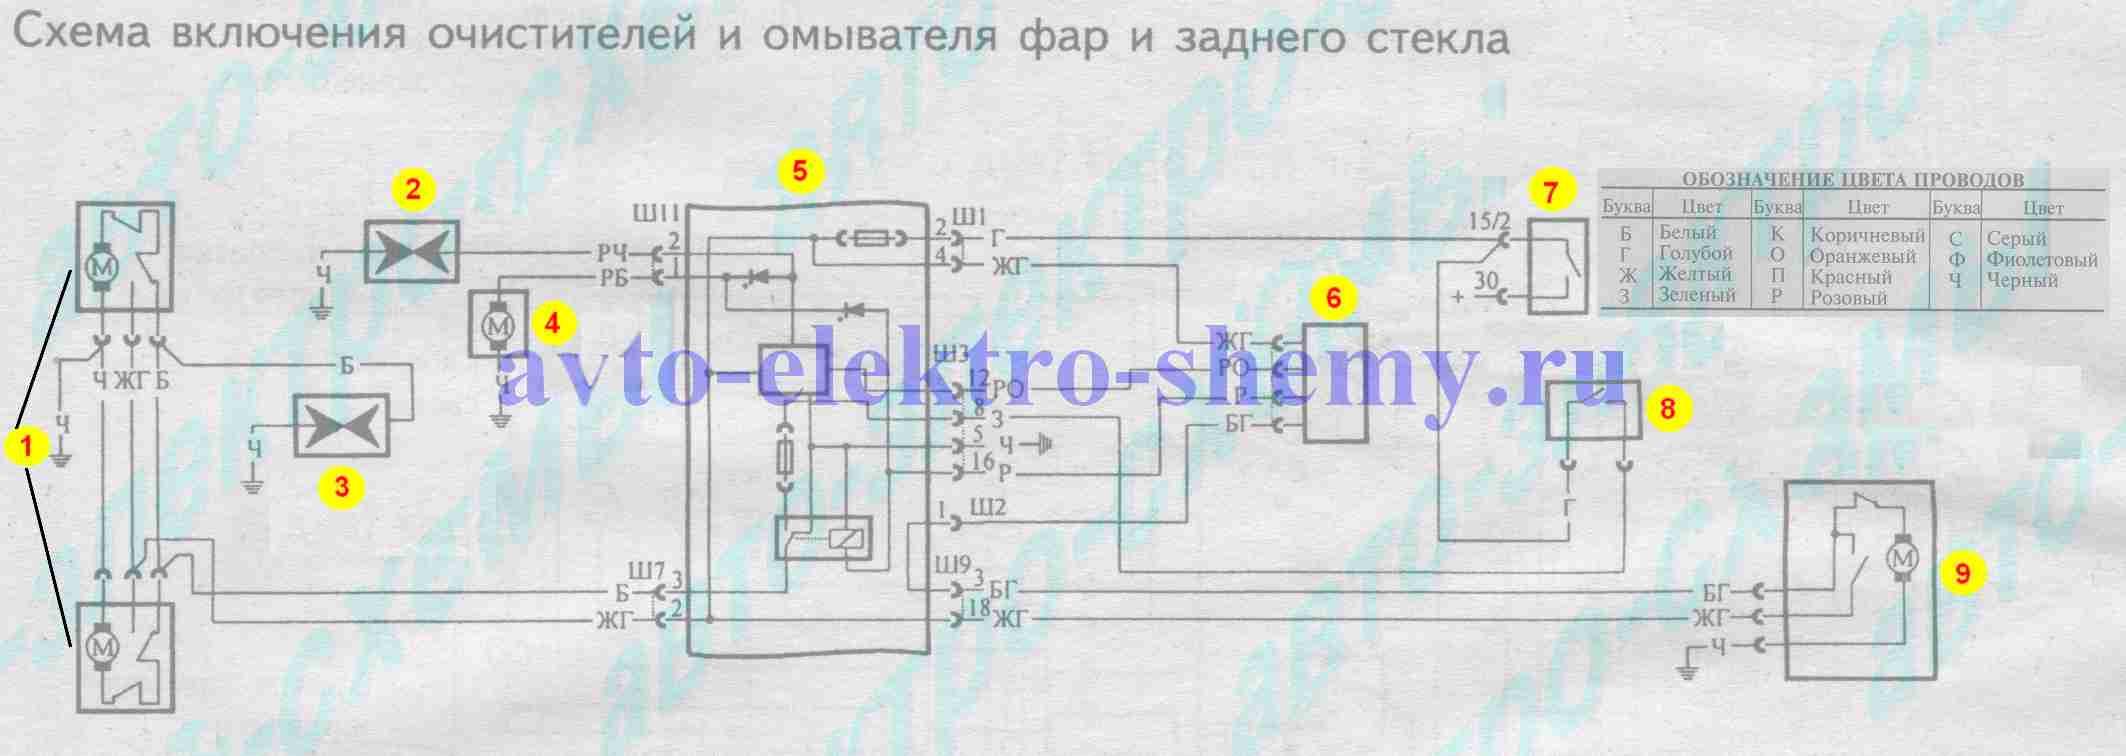 Схема включения очистителей и омывателя фар и заднего стекла на ВАЗ 21099 и 099i